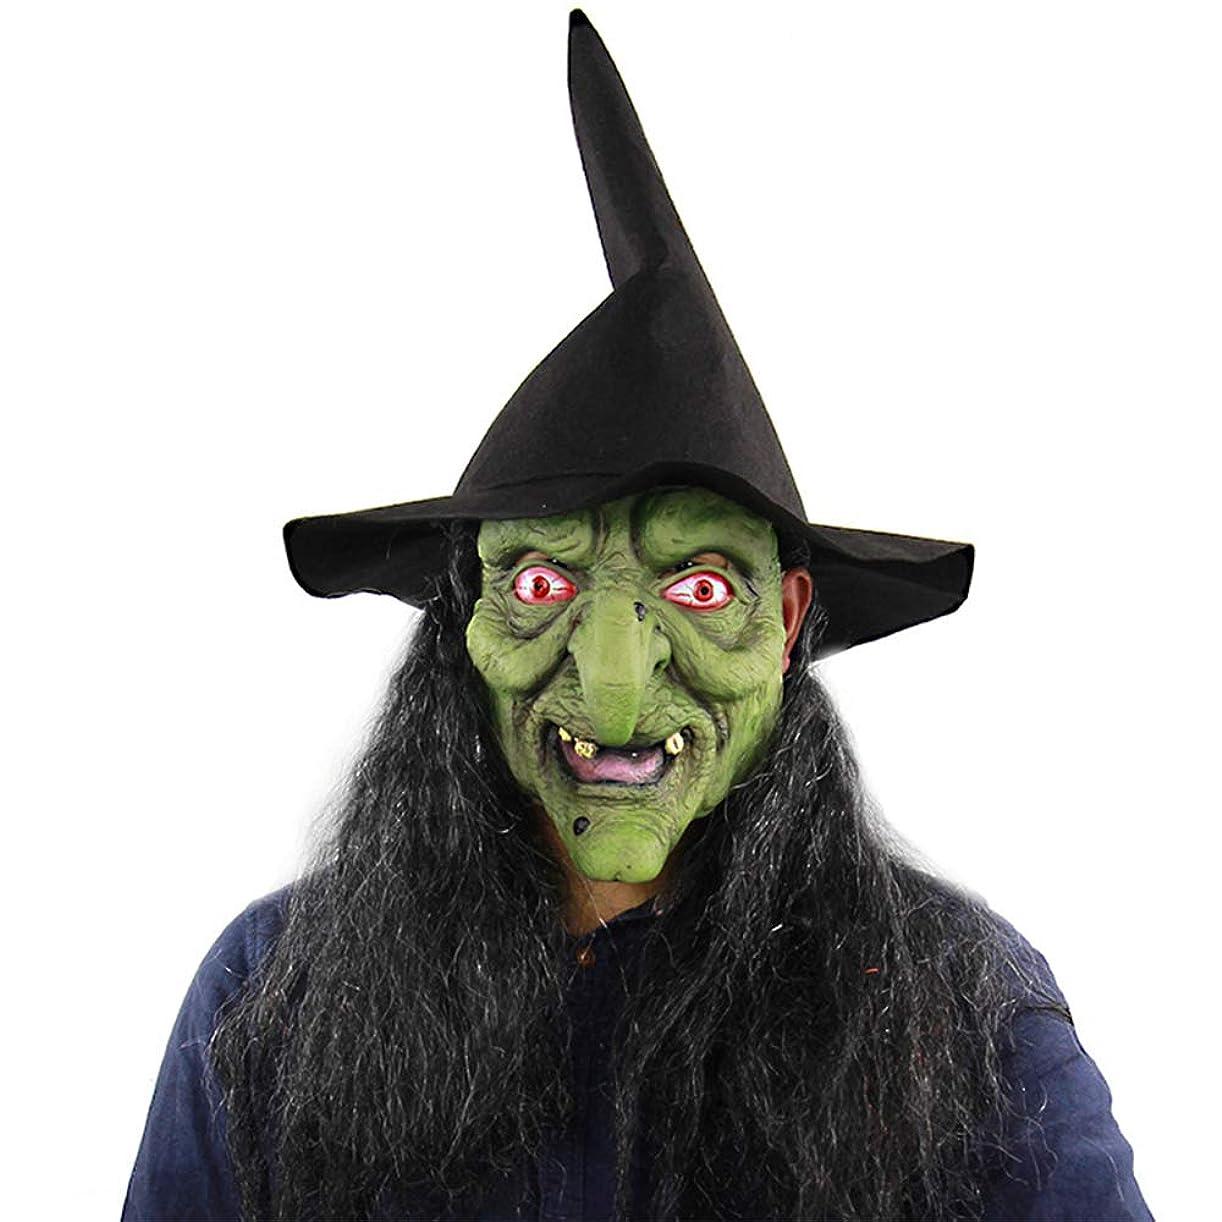 良い見つけた鼻ハロウィーングリーンヘッドグレーヘアホラー魔女マスクお化け屋敷部屋脱出ドレスアップライブ全身男ヘッドカバー